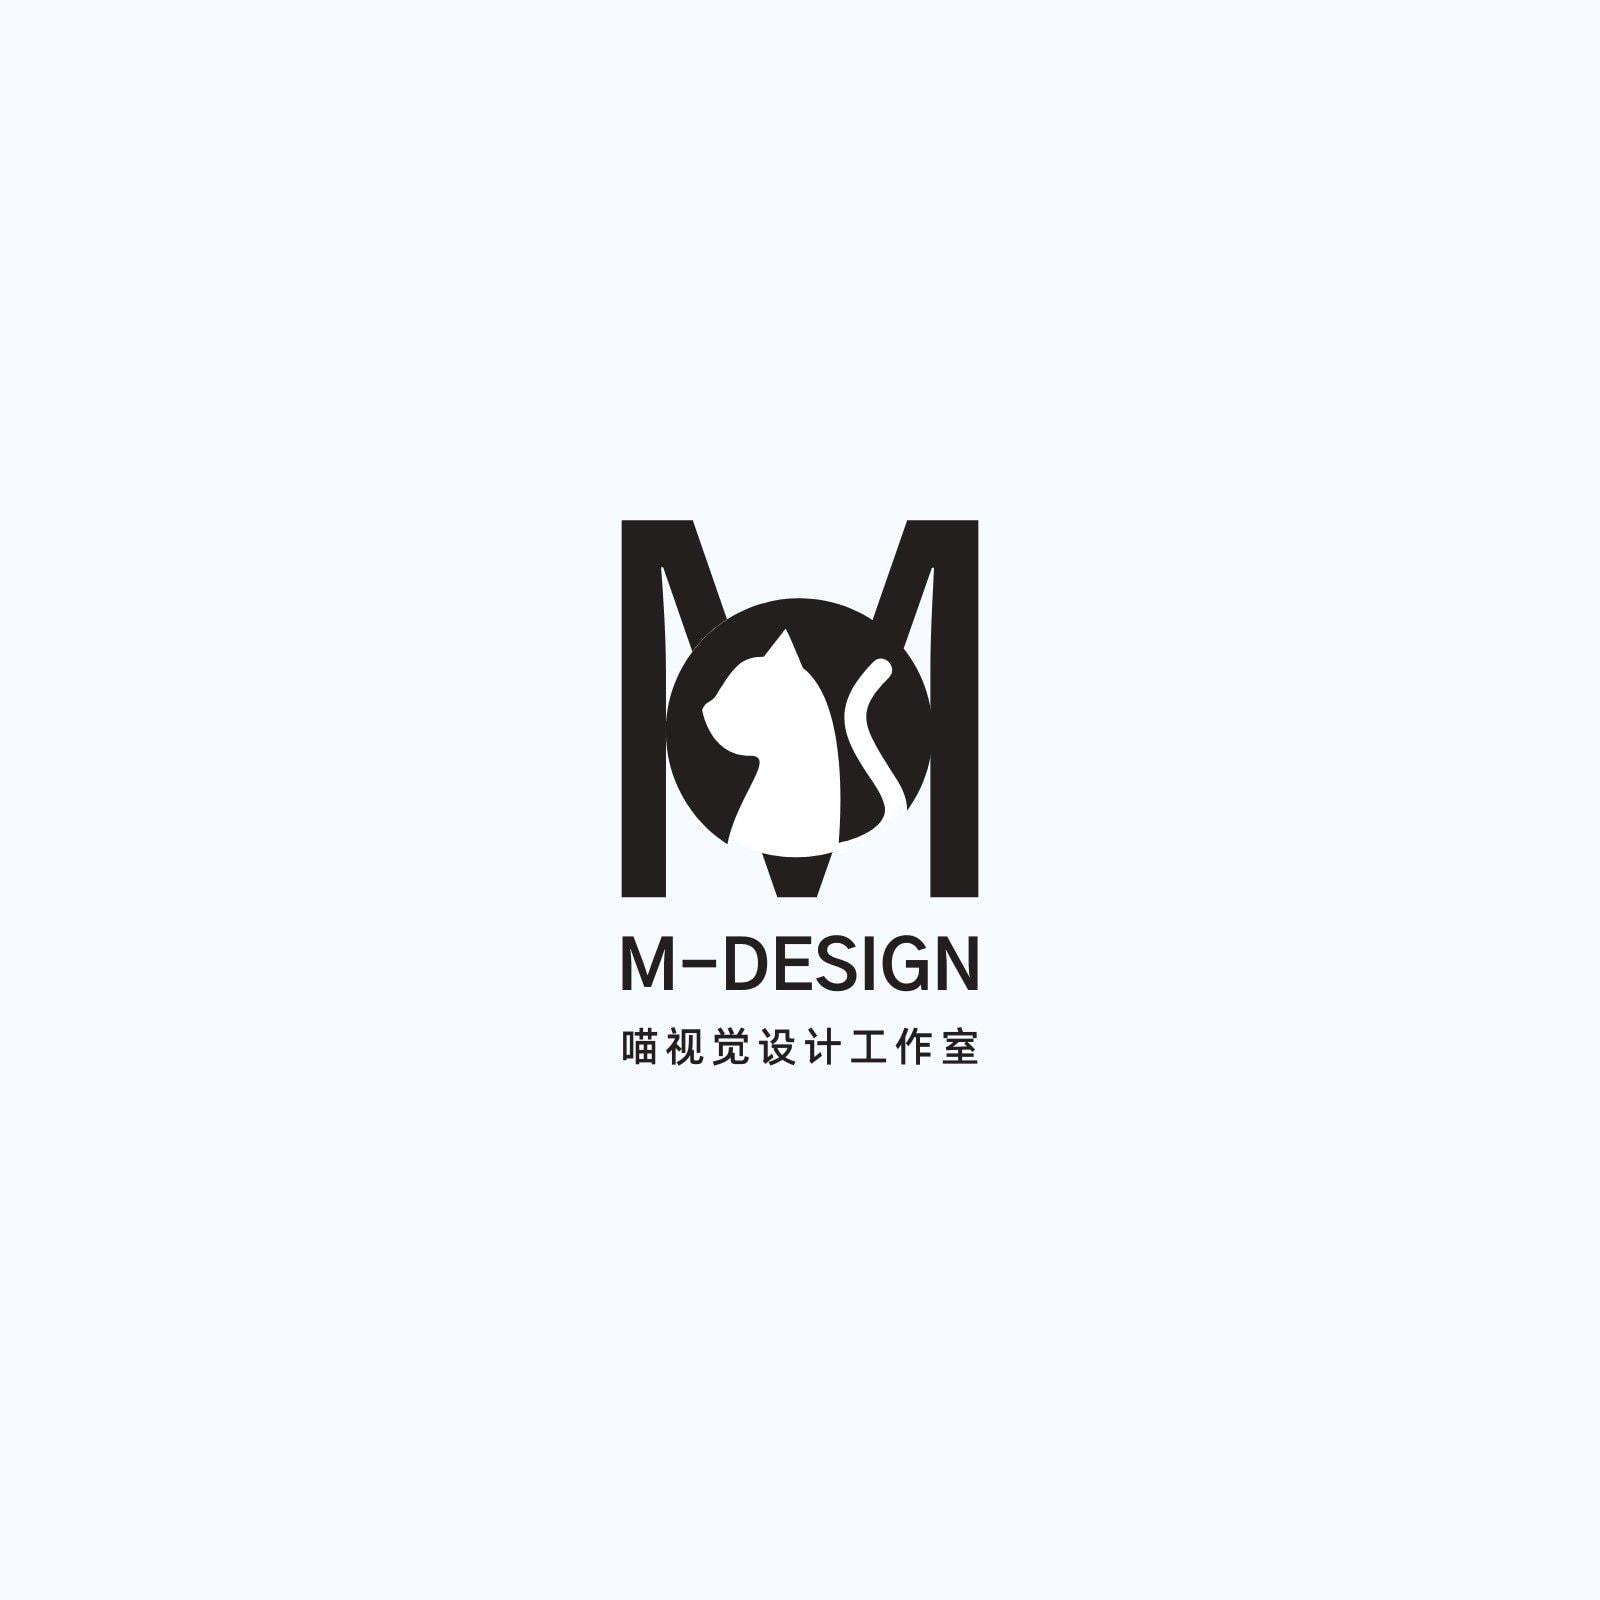 黑色字母猫咪头设计公司logo创意艺术中文logo